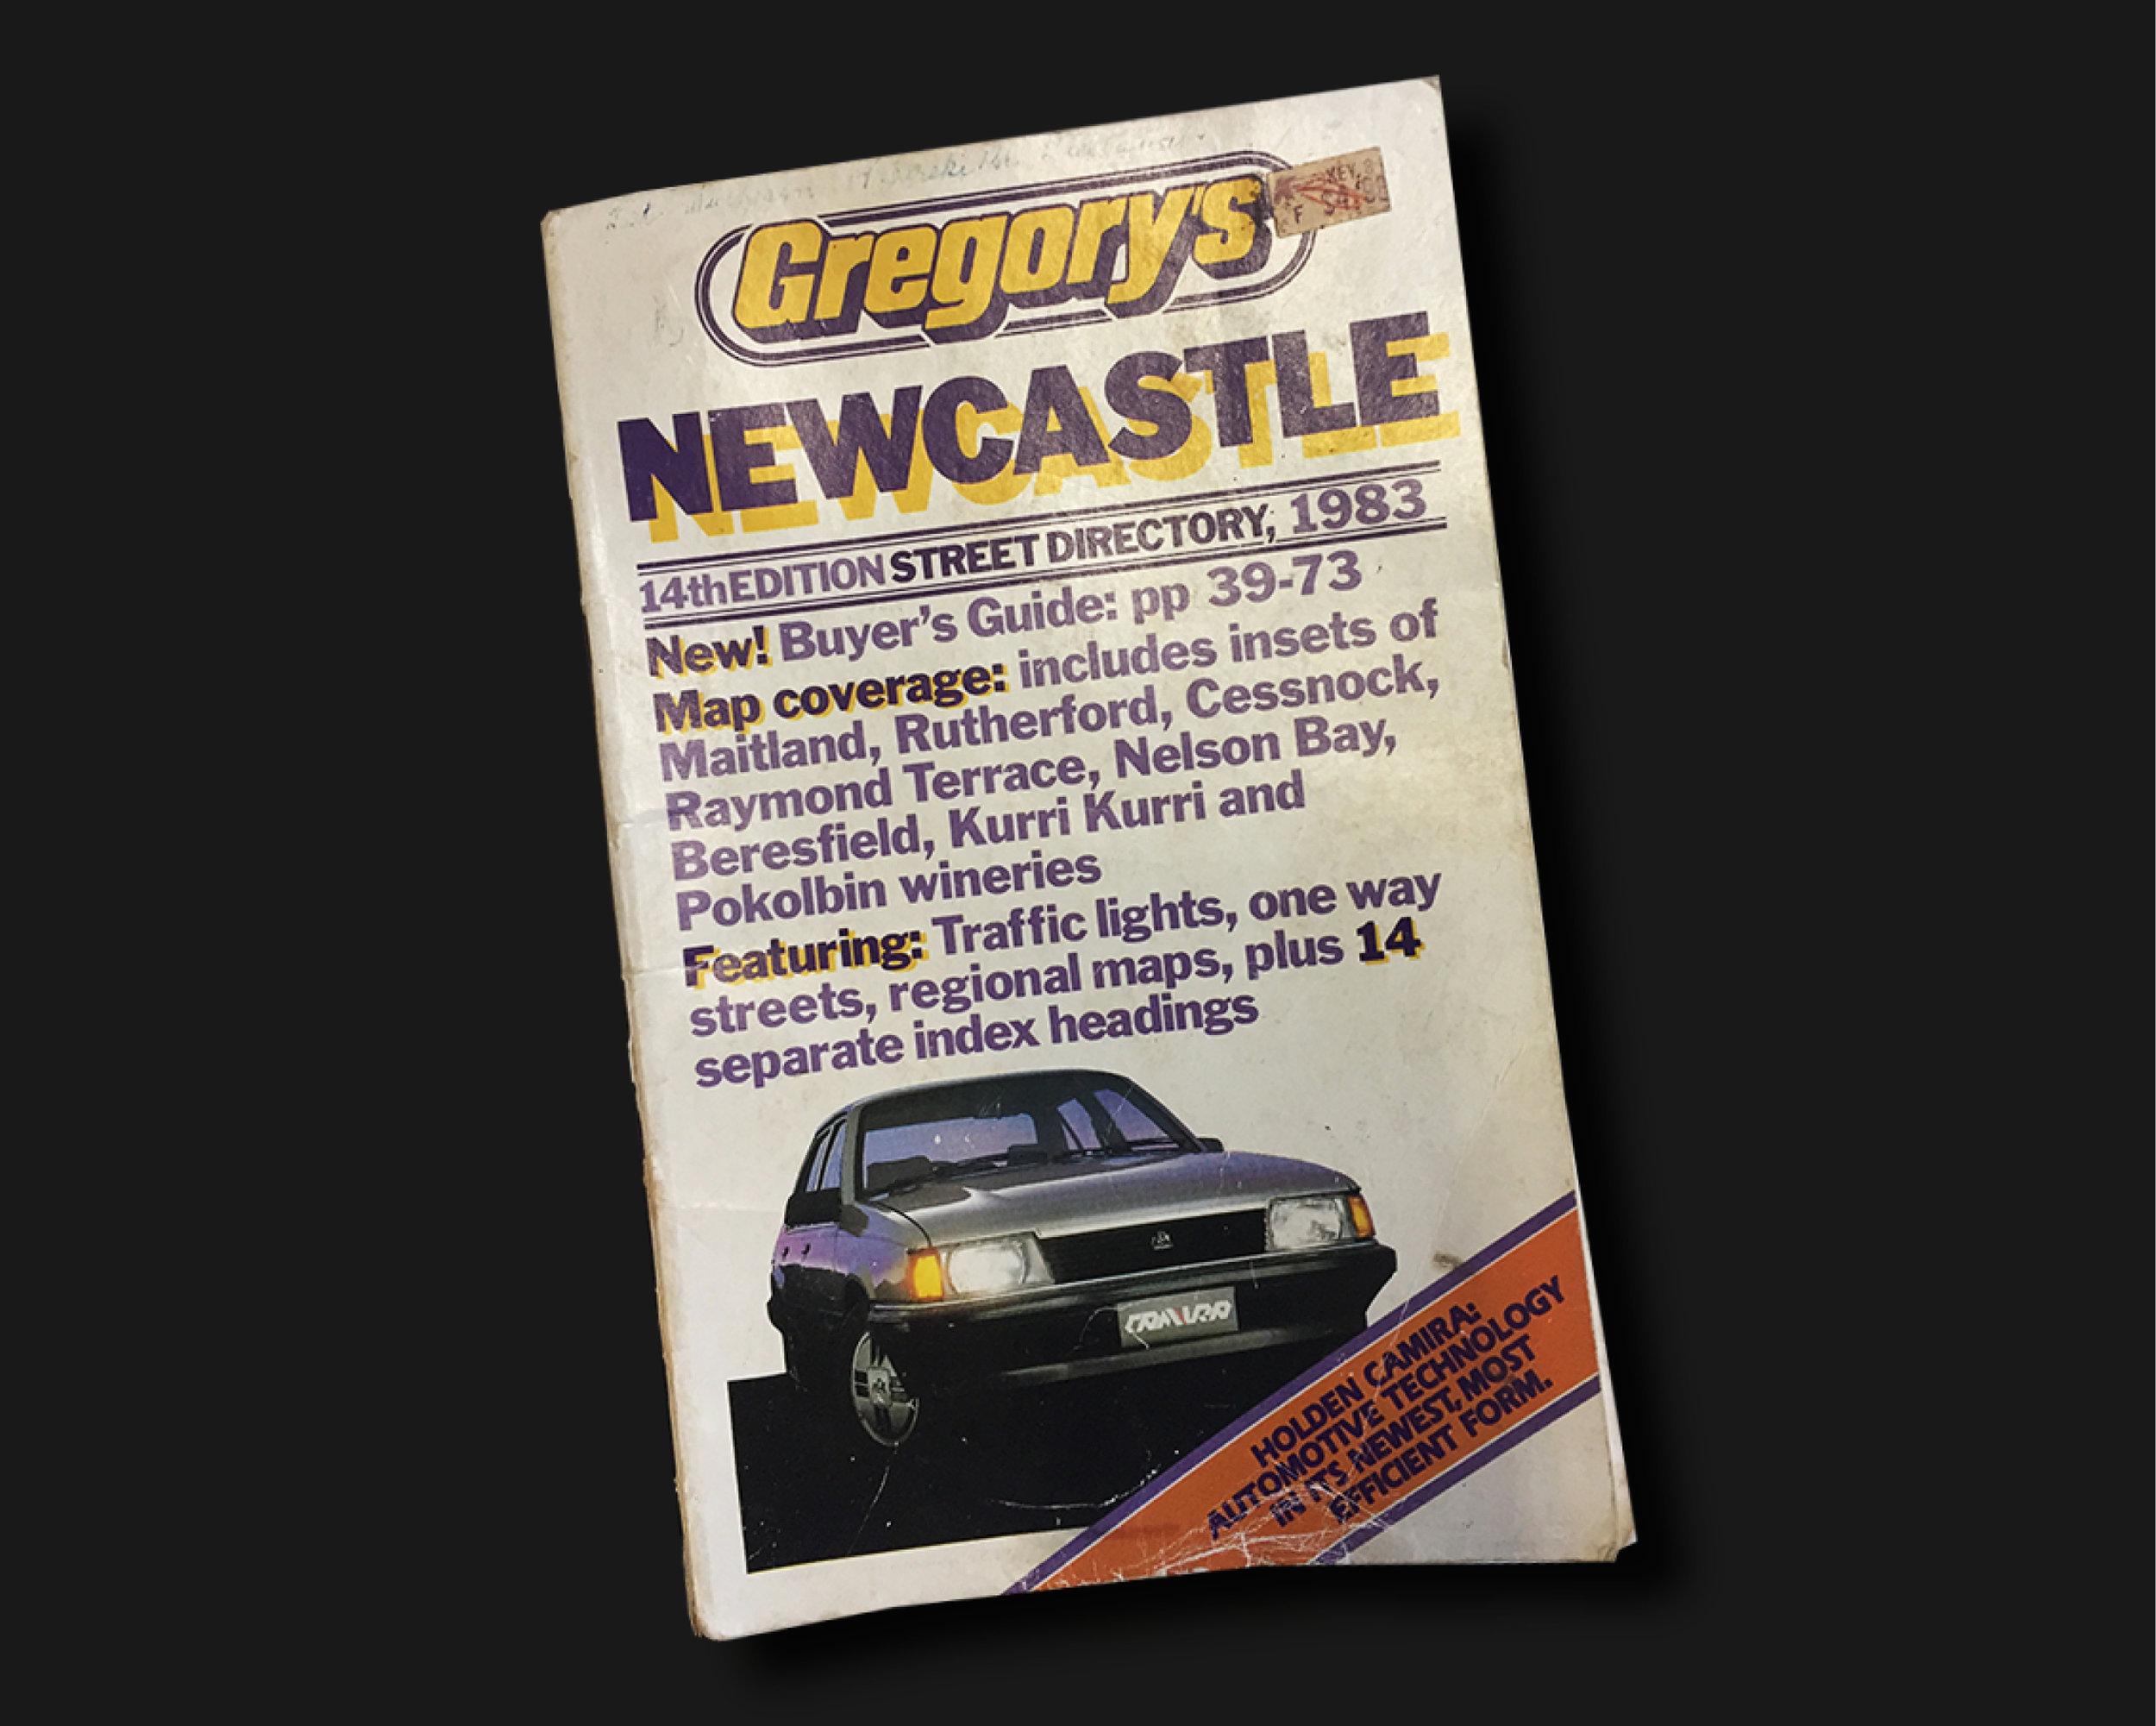 Newcastle Dress Assets9.jpg